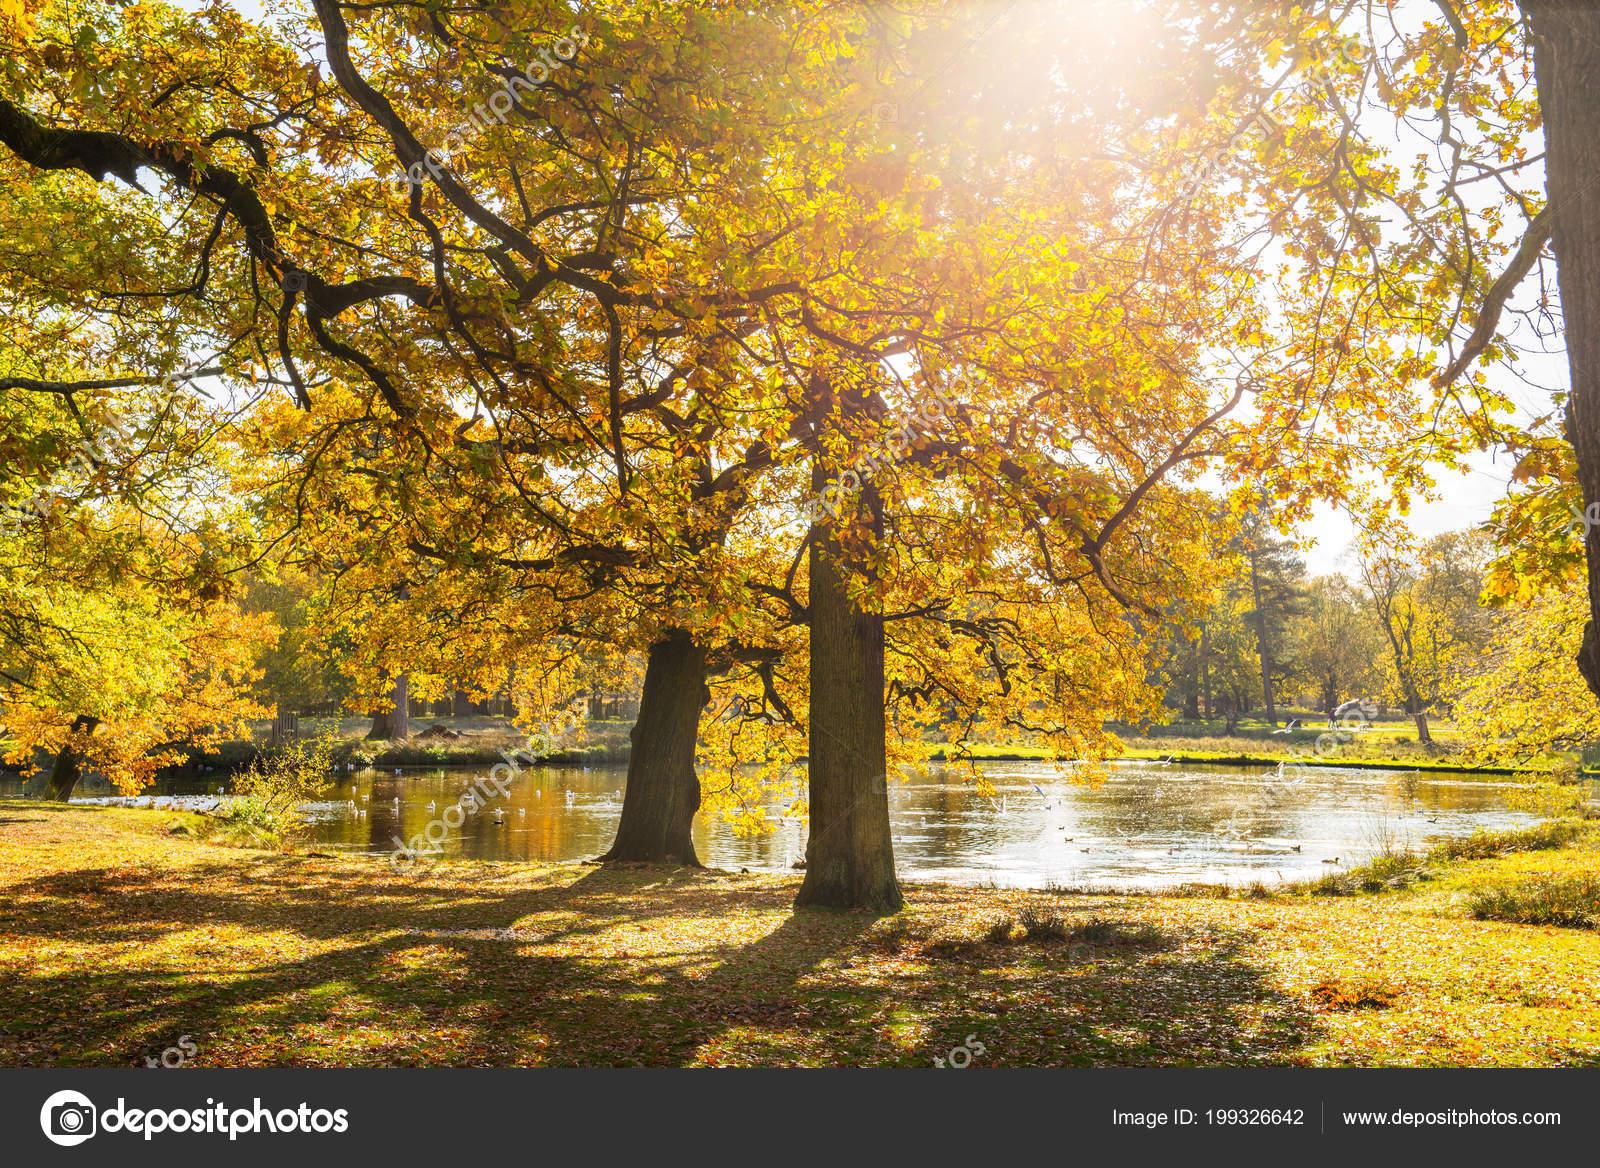 Paisaje Otoño árboles Otoño Coloridos Con Hojas Amarillas Cerca Del